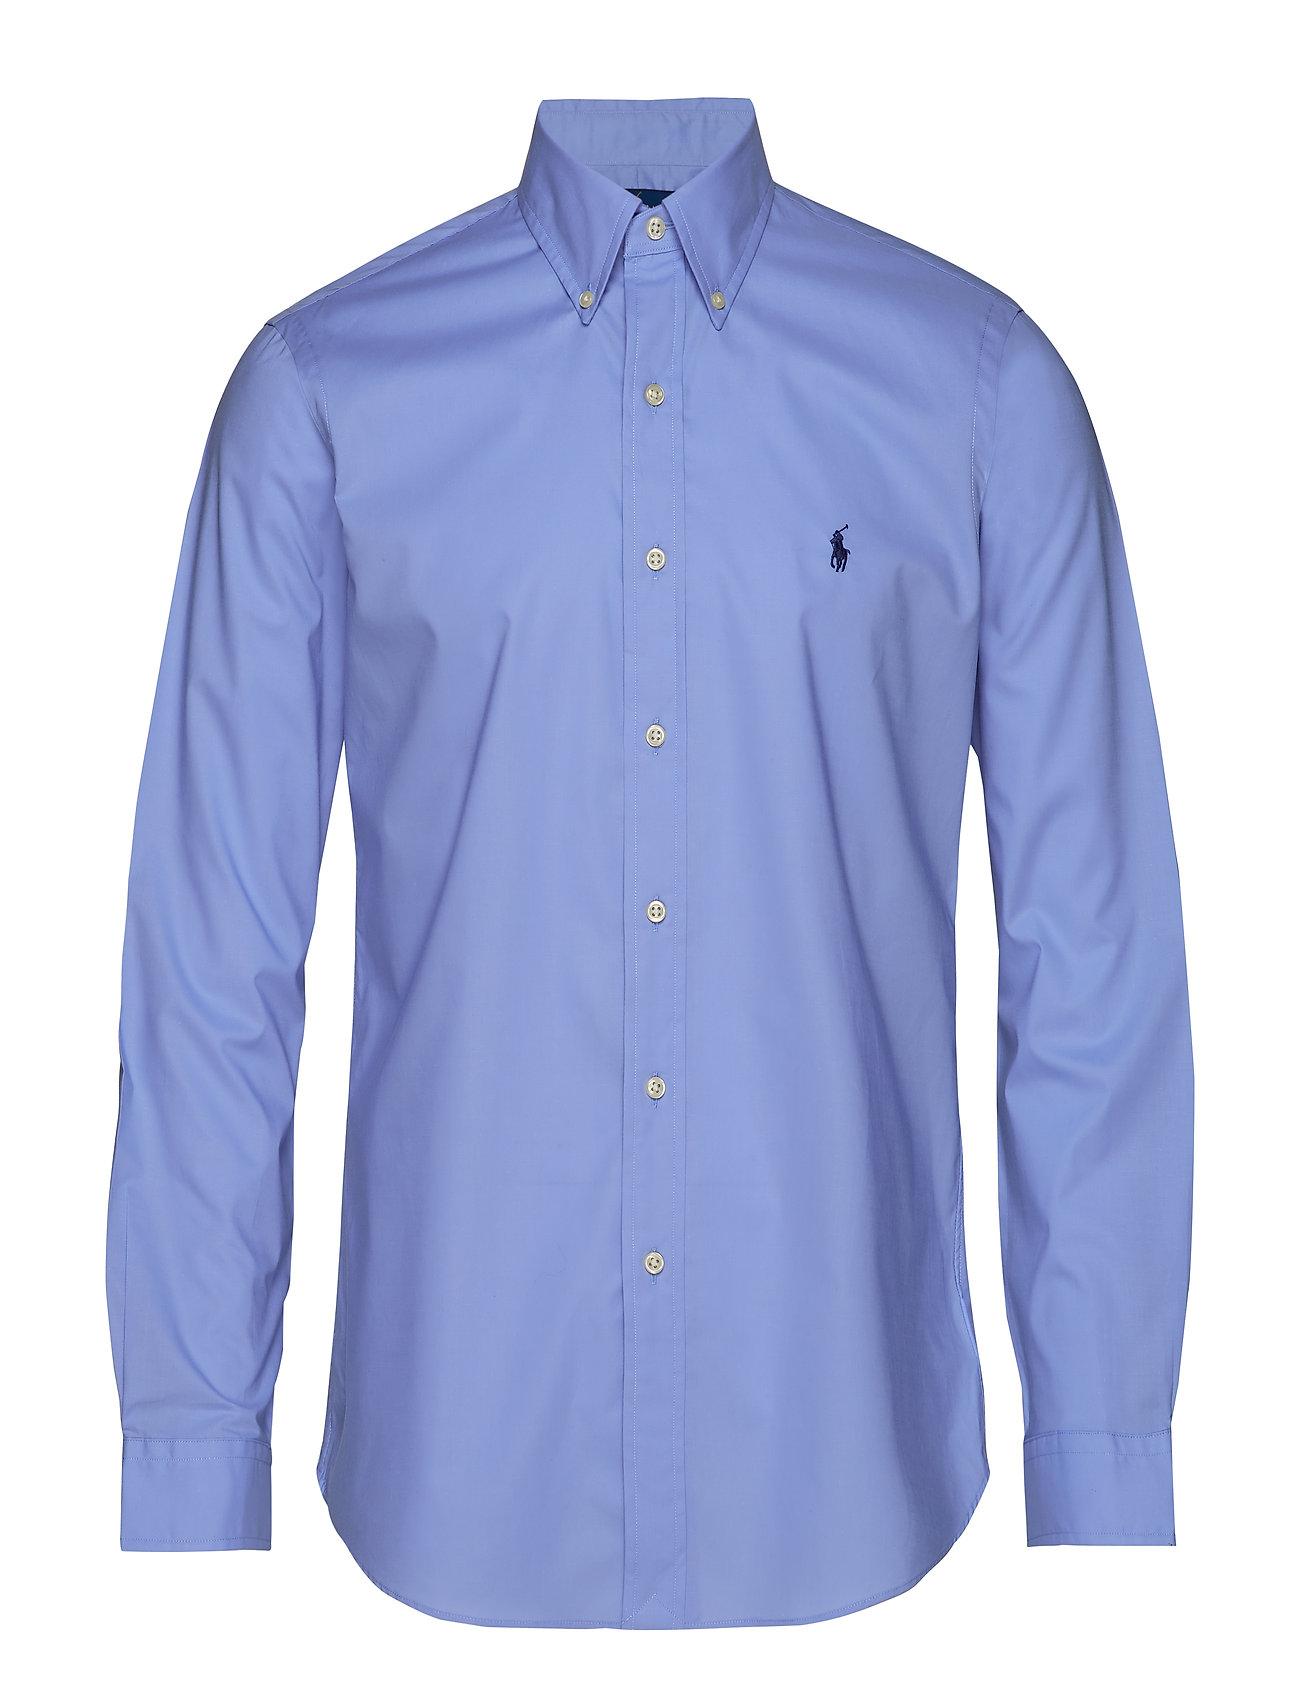 Polo Ralph Lauren NATURAL STRCH POPLN-CU BD PPC SP - PERIWINKLE BLUE